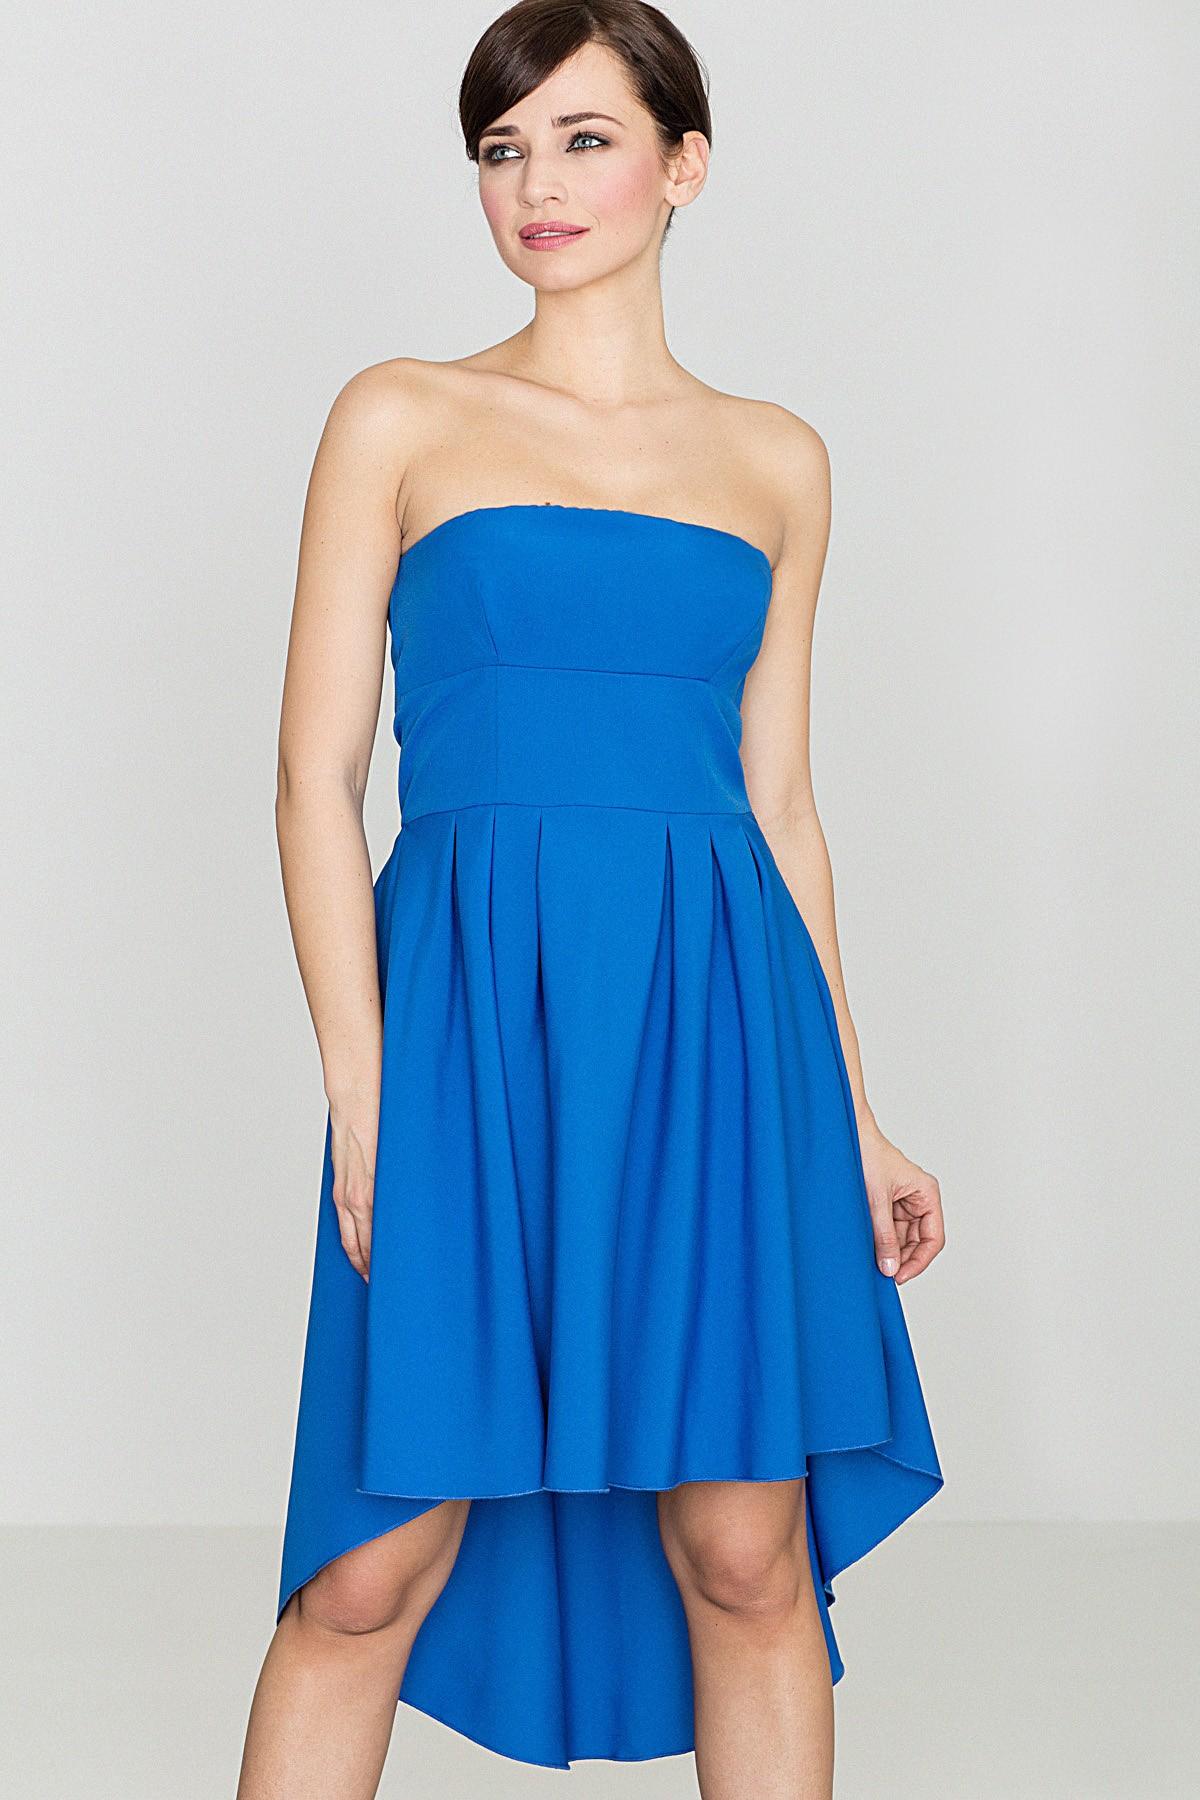 Sukienka bez ramiączek z przedłużanym tyłem niebieska E